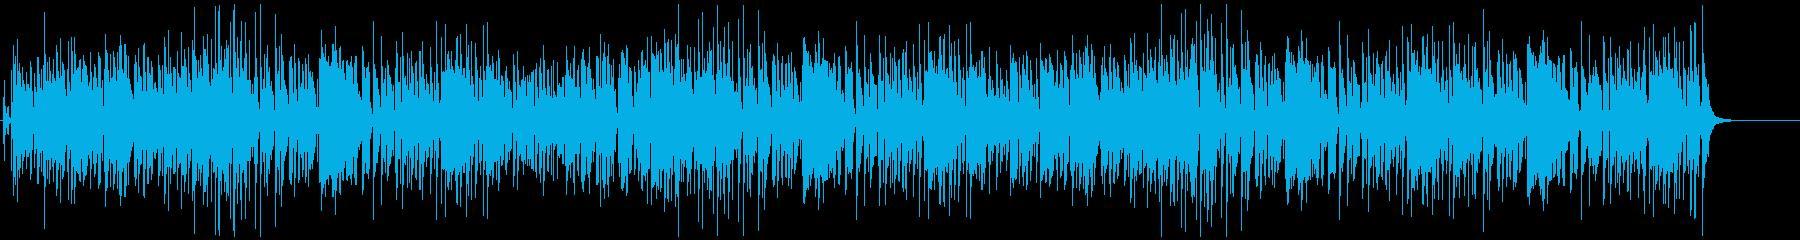 生演奏ジングルベルをスイングジャズカバーの再生済みの波形